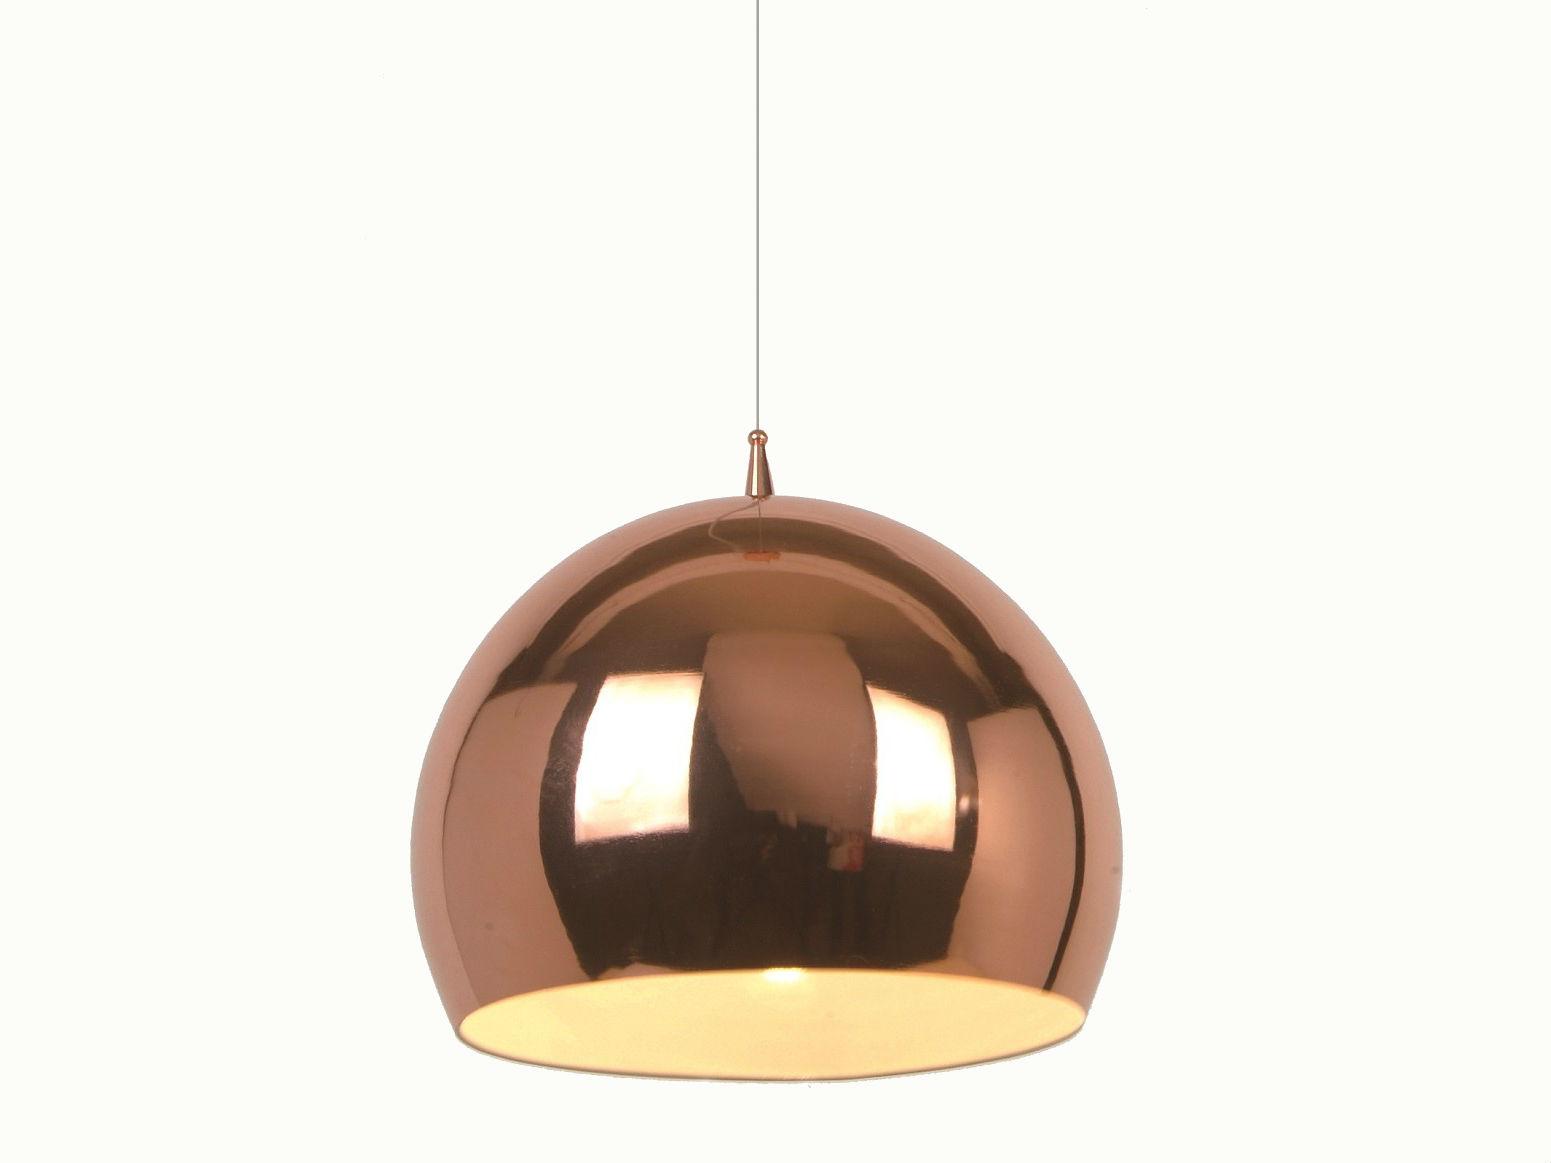 Светильник LavalПодвесные светильники<br>К интересной модели Laval невозможно остаться равнодушным. Основание светильника в форме абажура выполнено из стали. Она несомненно станет не только отличным источником освещения, но и стильным аксессуаром современного помещения.&amp;lt;div&amp;gt;&amp;lt;br&amp;gt;&amp;lt;/div&amp;gt;&amp;lt;div&amp;gt;&amp;lt;div&amp;gt;Вид цоколя: Е27&amp;lt;/div&amp;gt;&amp;lt;div&amp;gt;Мощность лампы: 40W&amp;lt;/div&amp;gt;&amp;lt;div&amp;gt;Количество ламп: 1&amp;lt;/div&amp;gt;&amp;lt;div&amp;gt;Наличие ламп: нет&amp;lt;/div&amp;gt;&amp;lt;div&amp;gt;&amp;lt;br&amp;gt;&amp;lt;/div&amp;gt;&amp;lt;div&amp;gt;&amp;lt;br&amp;gt;&amp;lt;/div&amp;gt;&amp;lt;/div&amp;gt;<br><br>Material: Металл<br>Height см: 80<br>Diameter см: 25